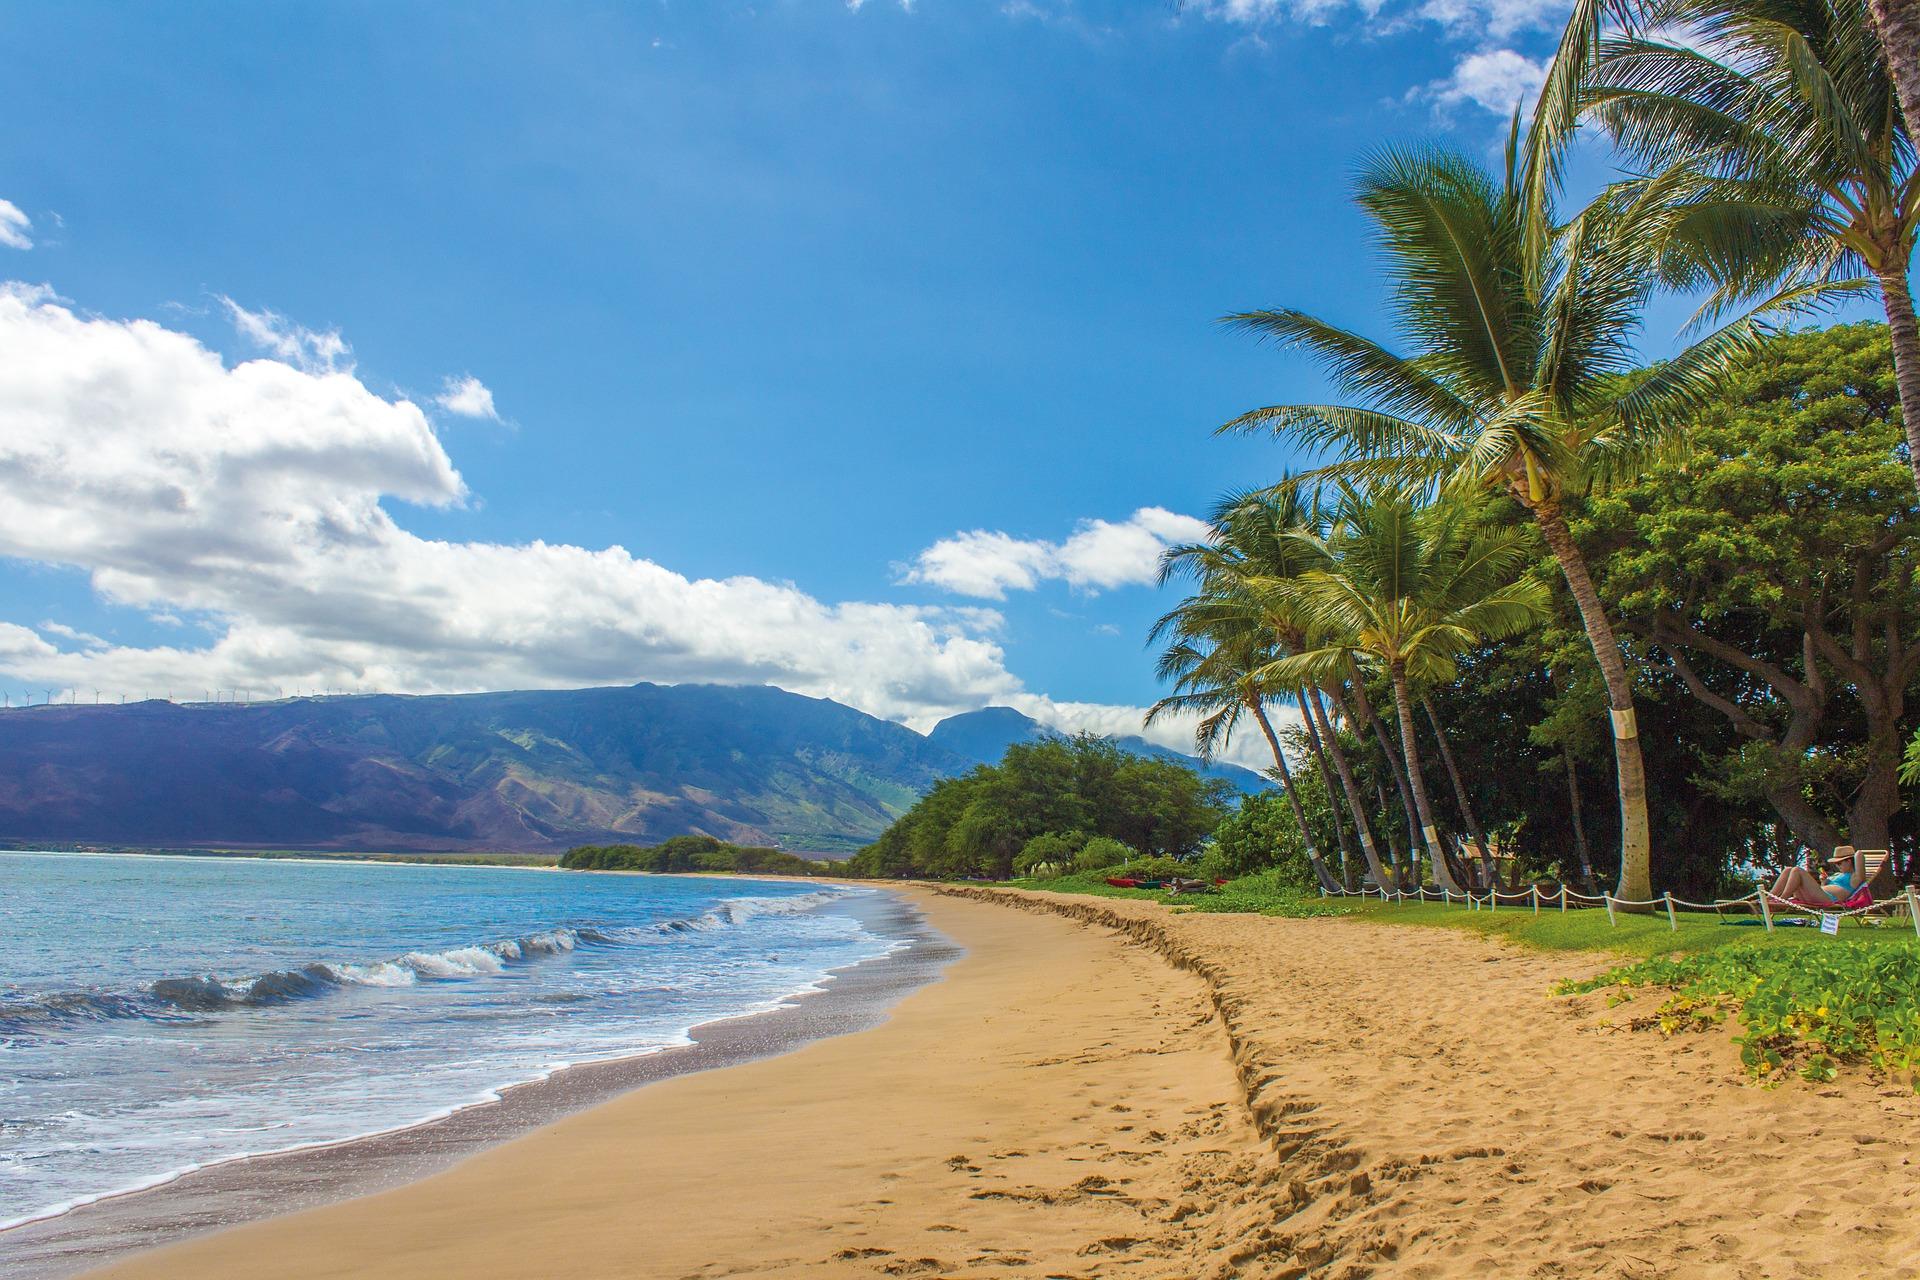 【ハワイ】コオリナのおすすめ観光情報まとめ!ビーチリゾートやレストランも♪